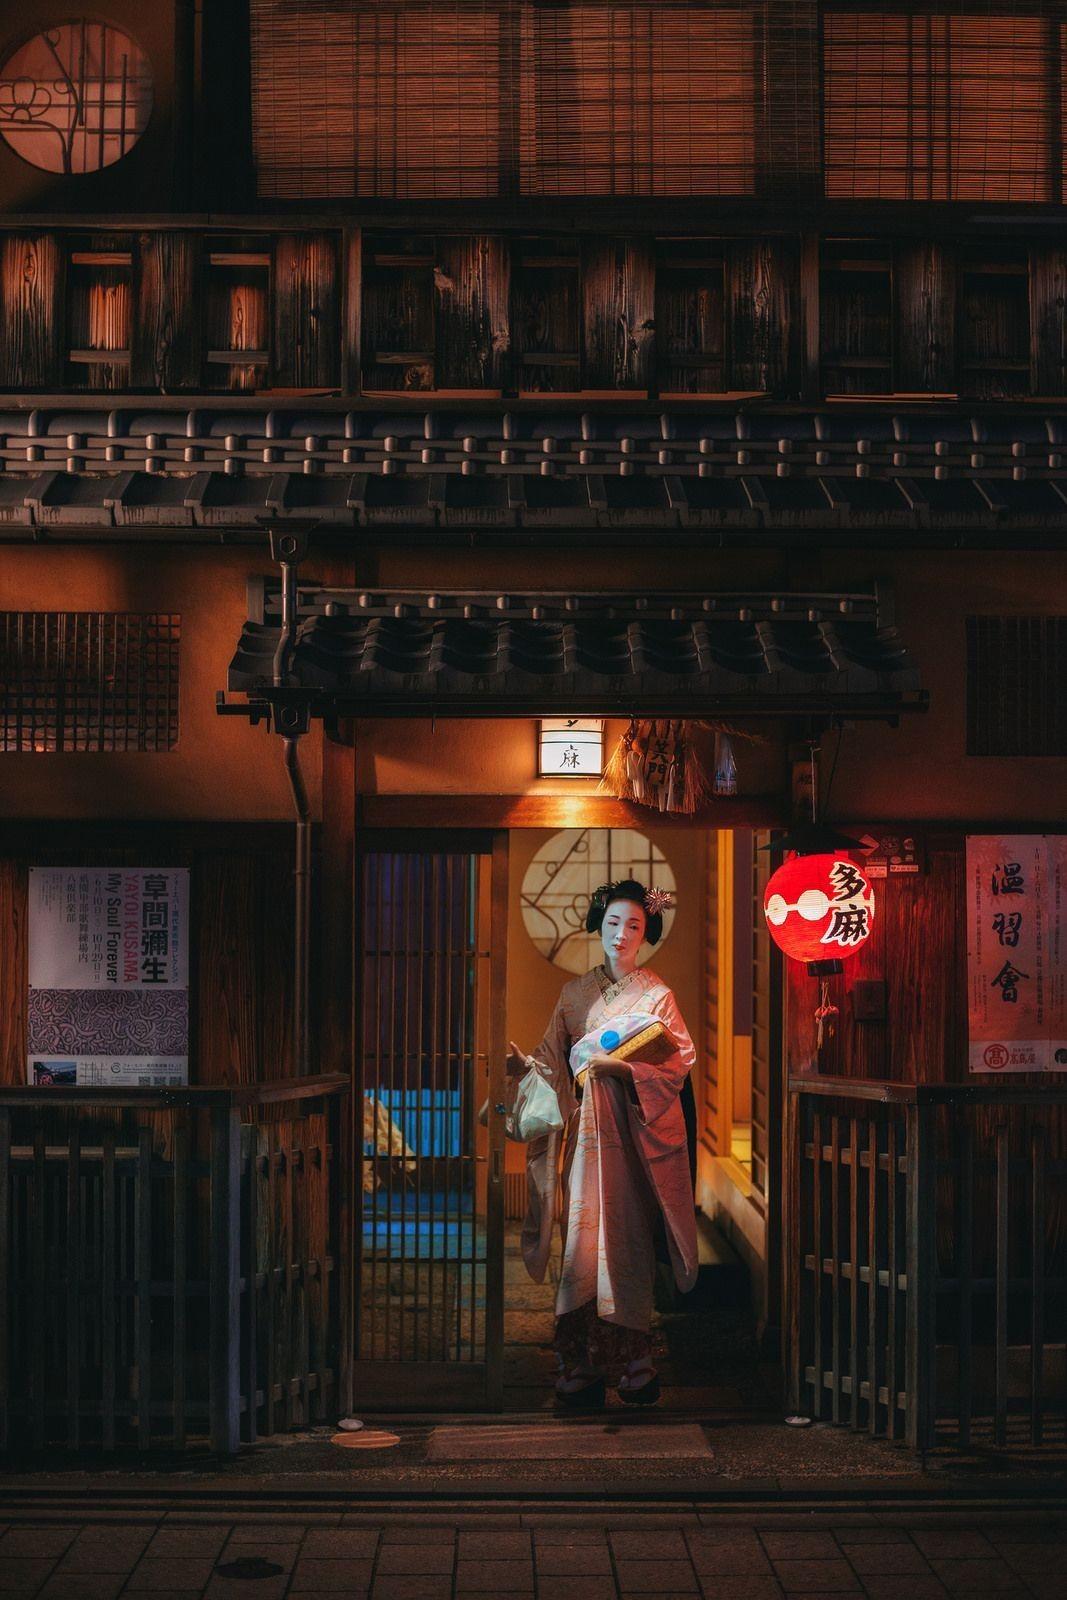 Bonequinha de Gion